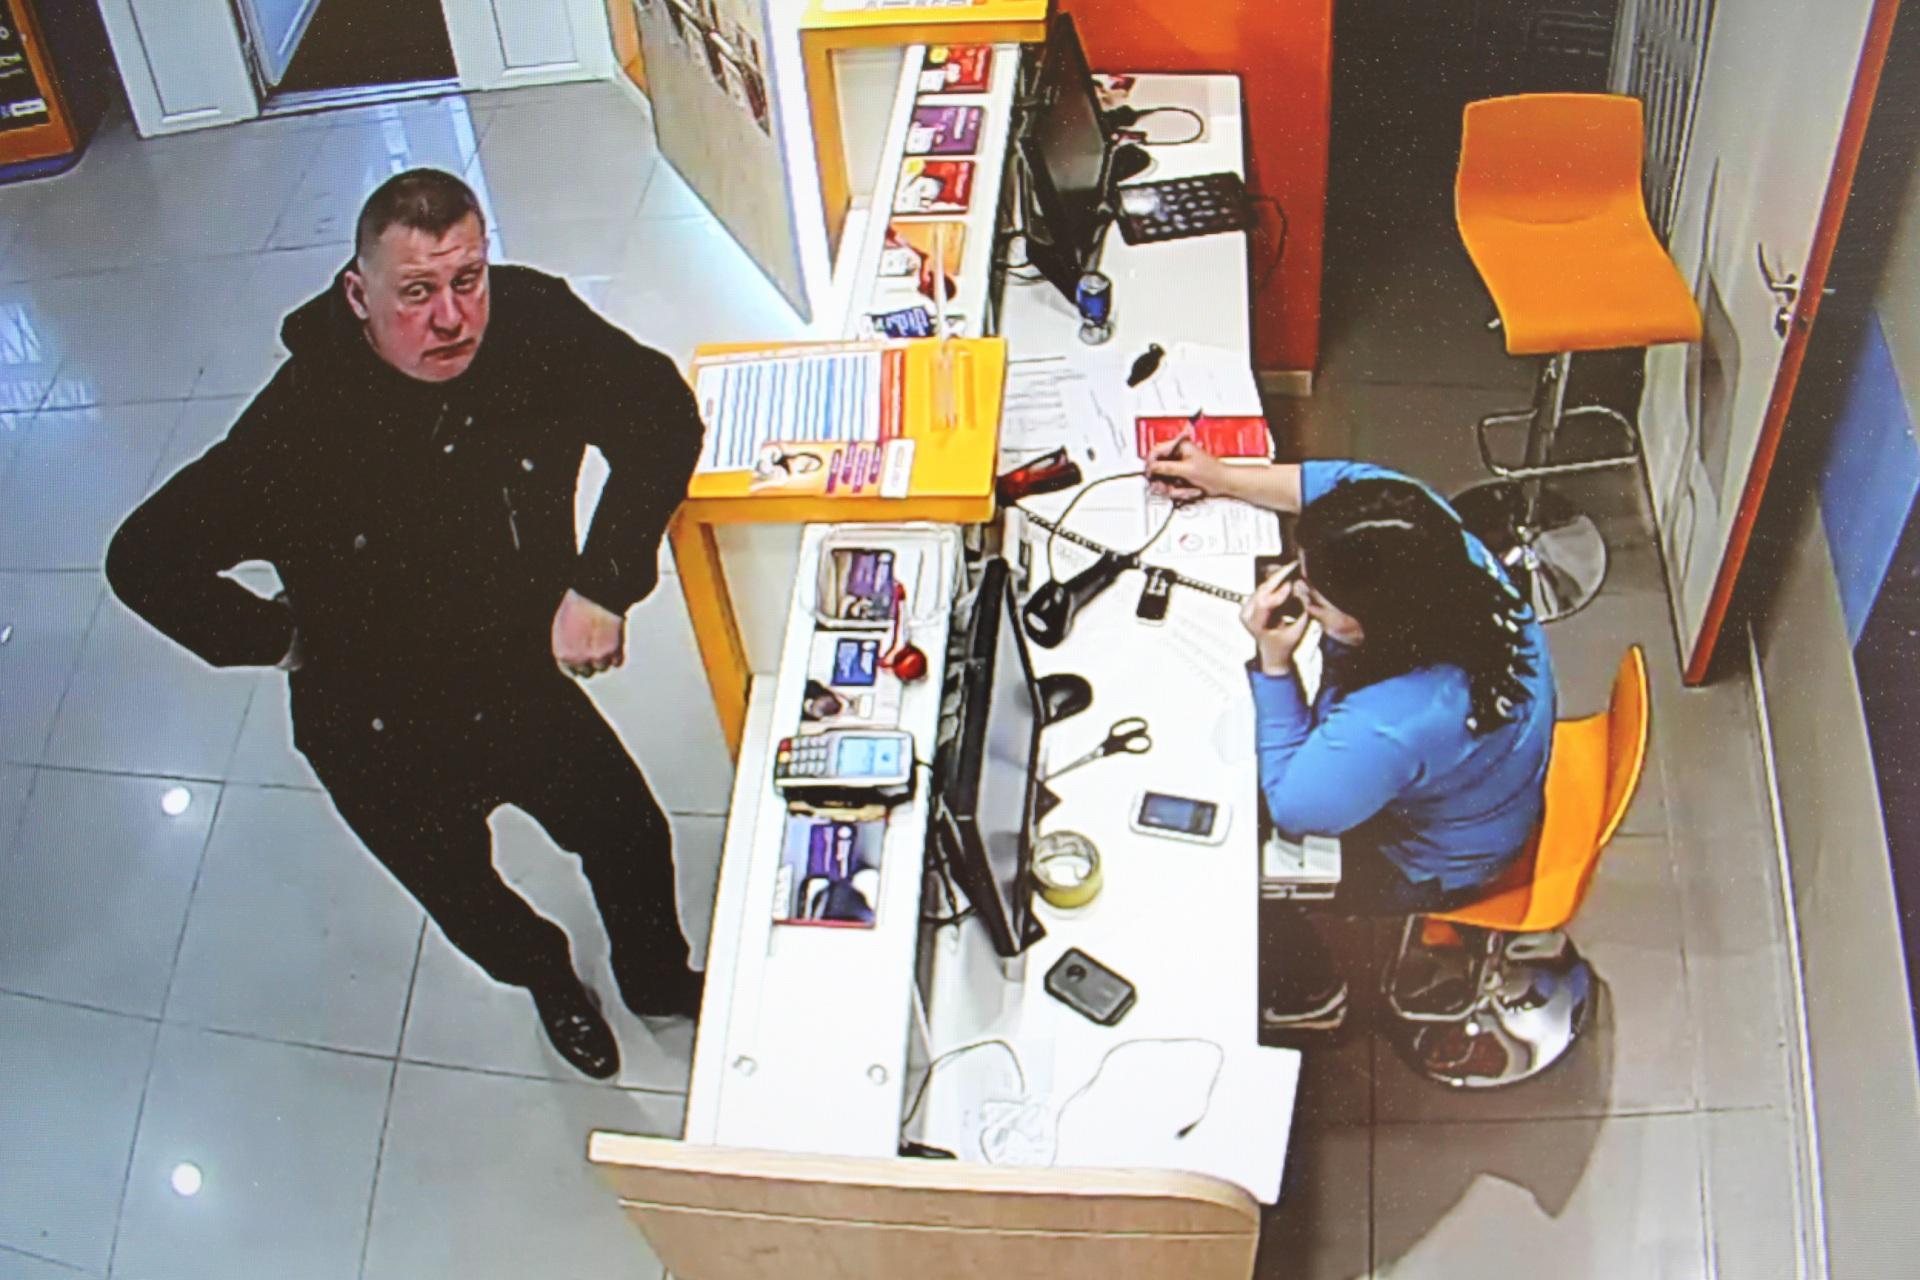 В Сыктывкаре разыскивается мошенник, обманувший горожанина на 14 тысяч рублей